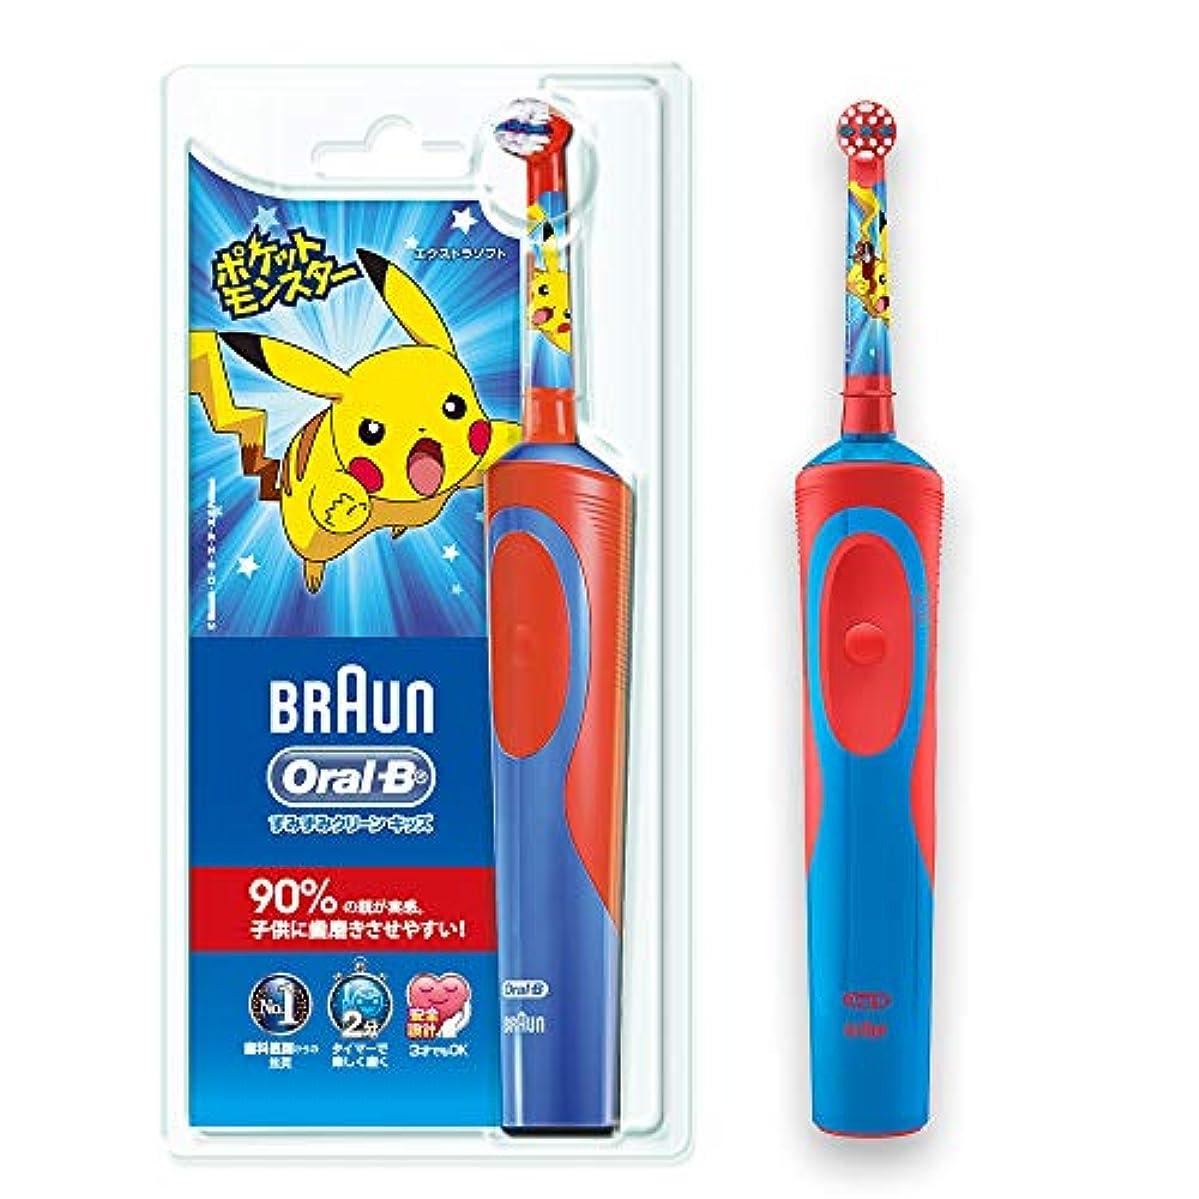 使用法たっぷりメッシュブラウン オーラルB 電動歯ブラシ 子供用 D12513KPKMB すみずみクリーンキッズ 本体 レッド ポケモン 歯ブラシ